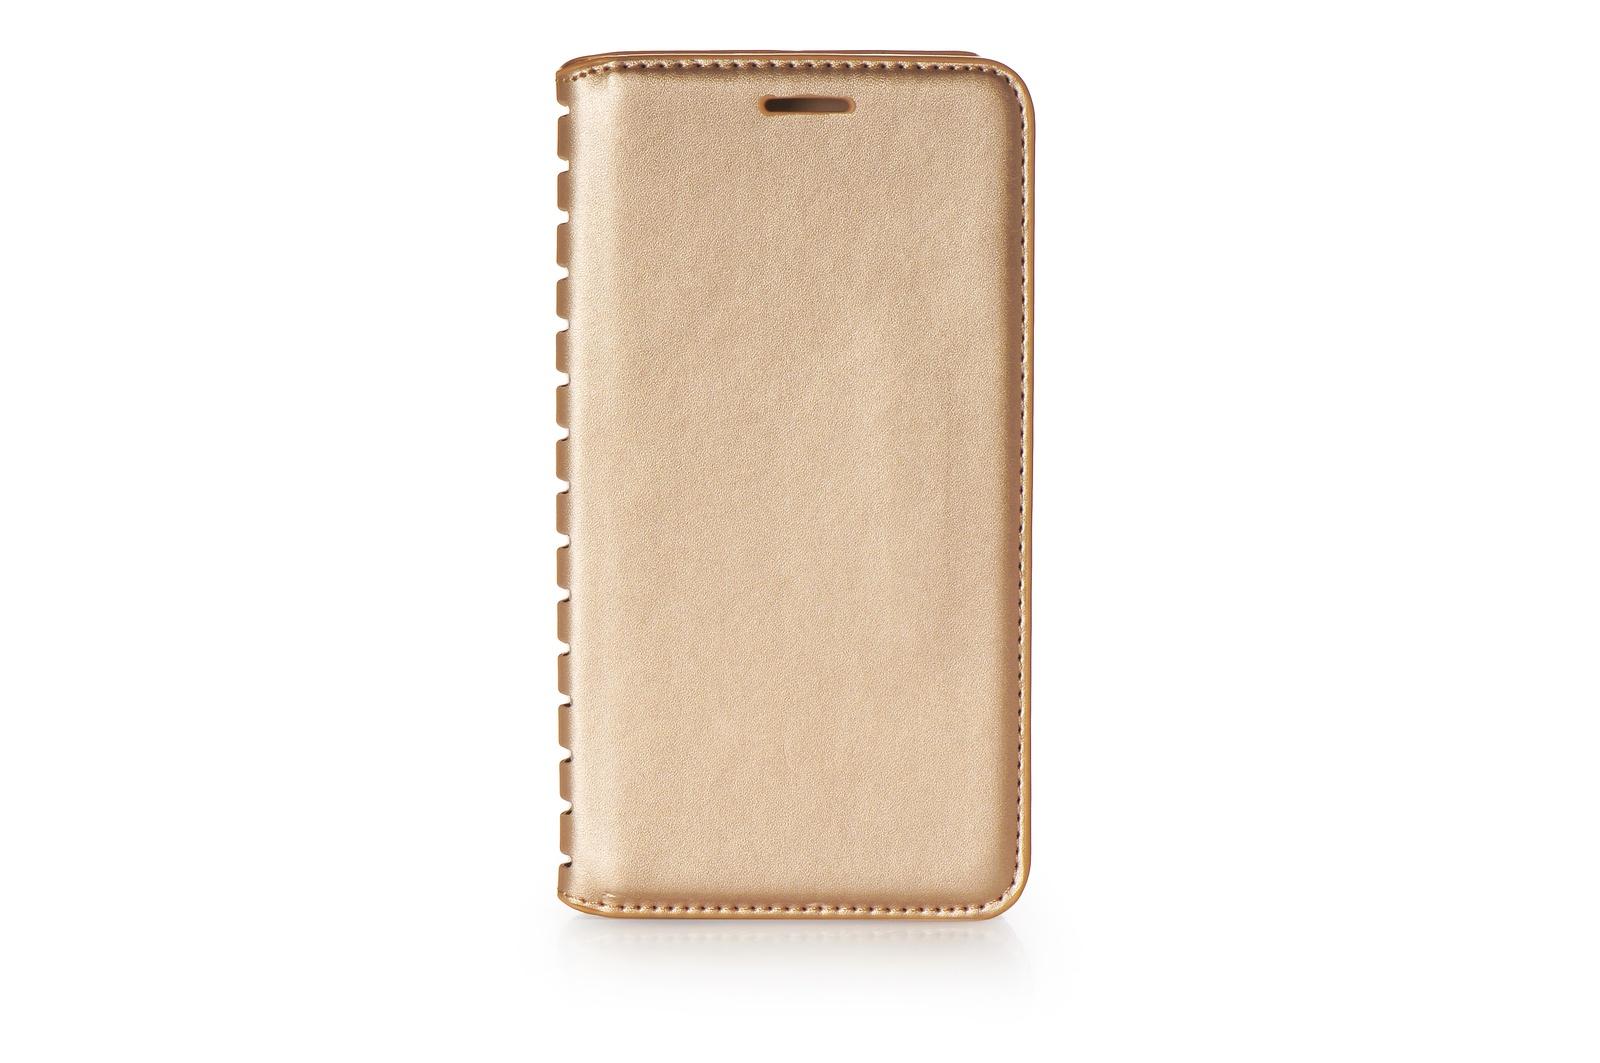 Чехол для сотового телефона Gurdini Чехол книжка с силиконом на магните Premium для Xiaomi Redmi S2, 906426, золотой